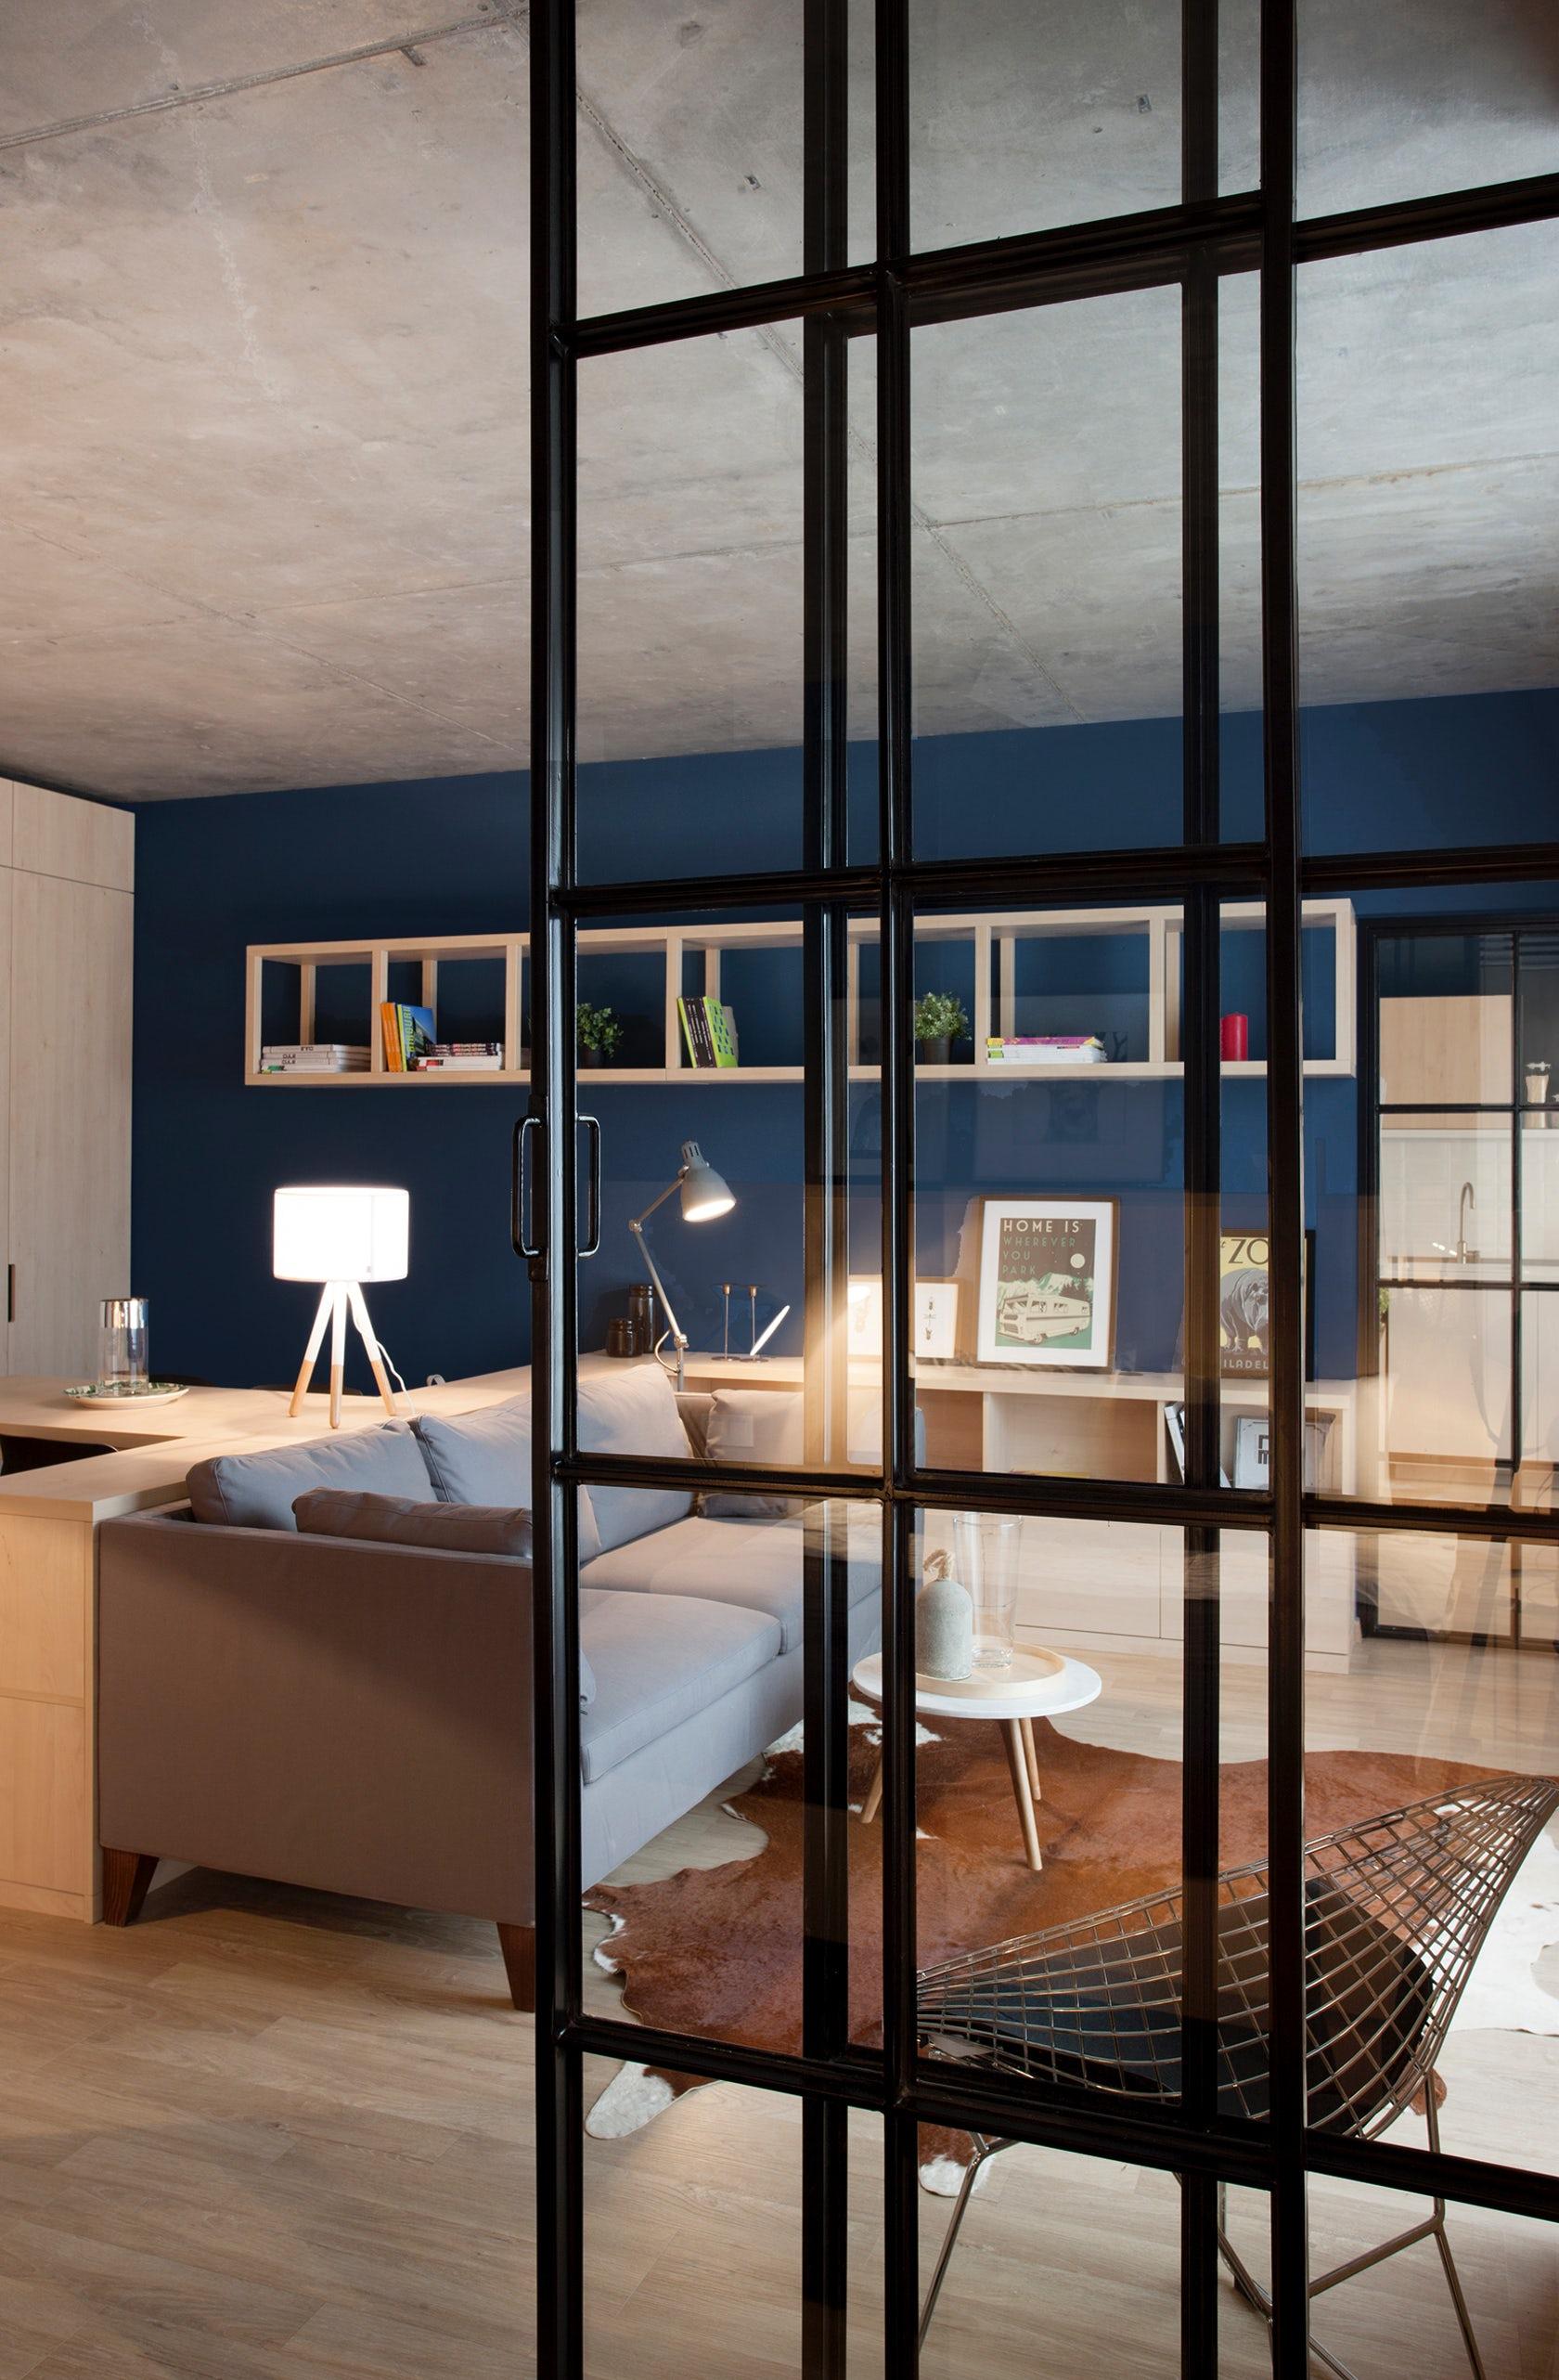 Giải pháp thông minh cho căn hộ có diện tích nhỏ - Ảnh 4.